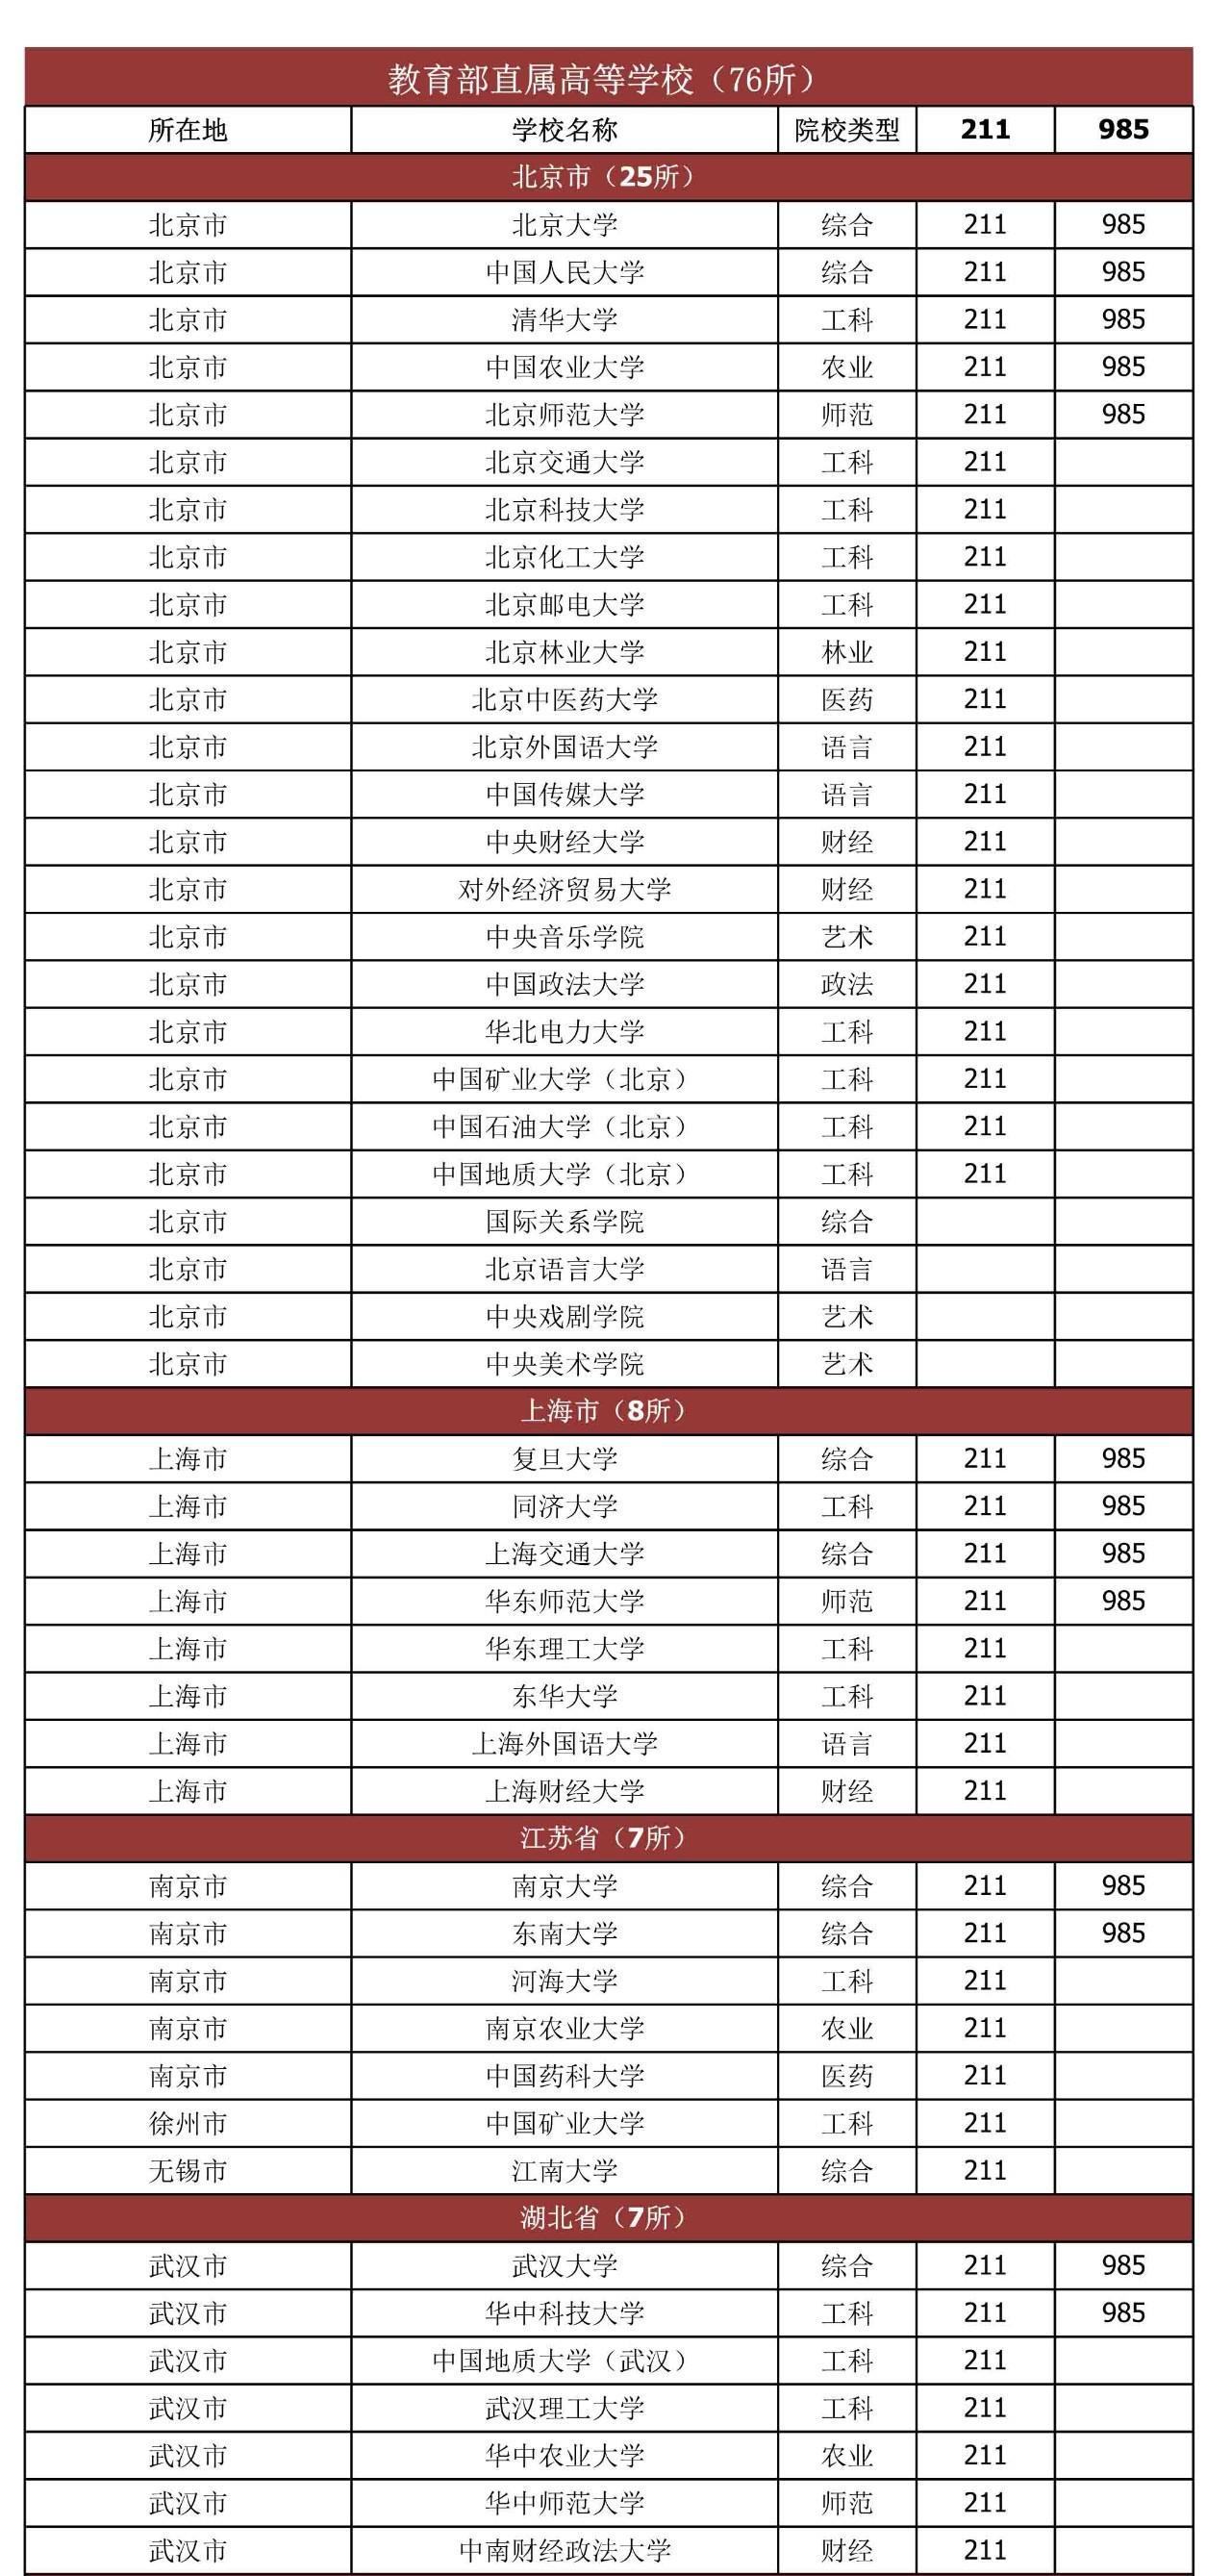 2020最新中央部属高校名单分享